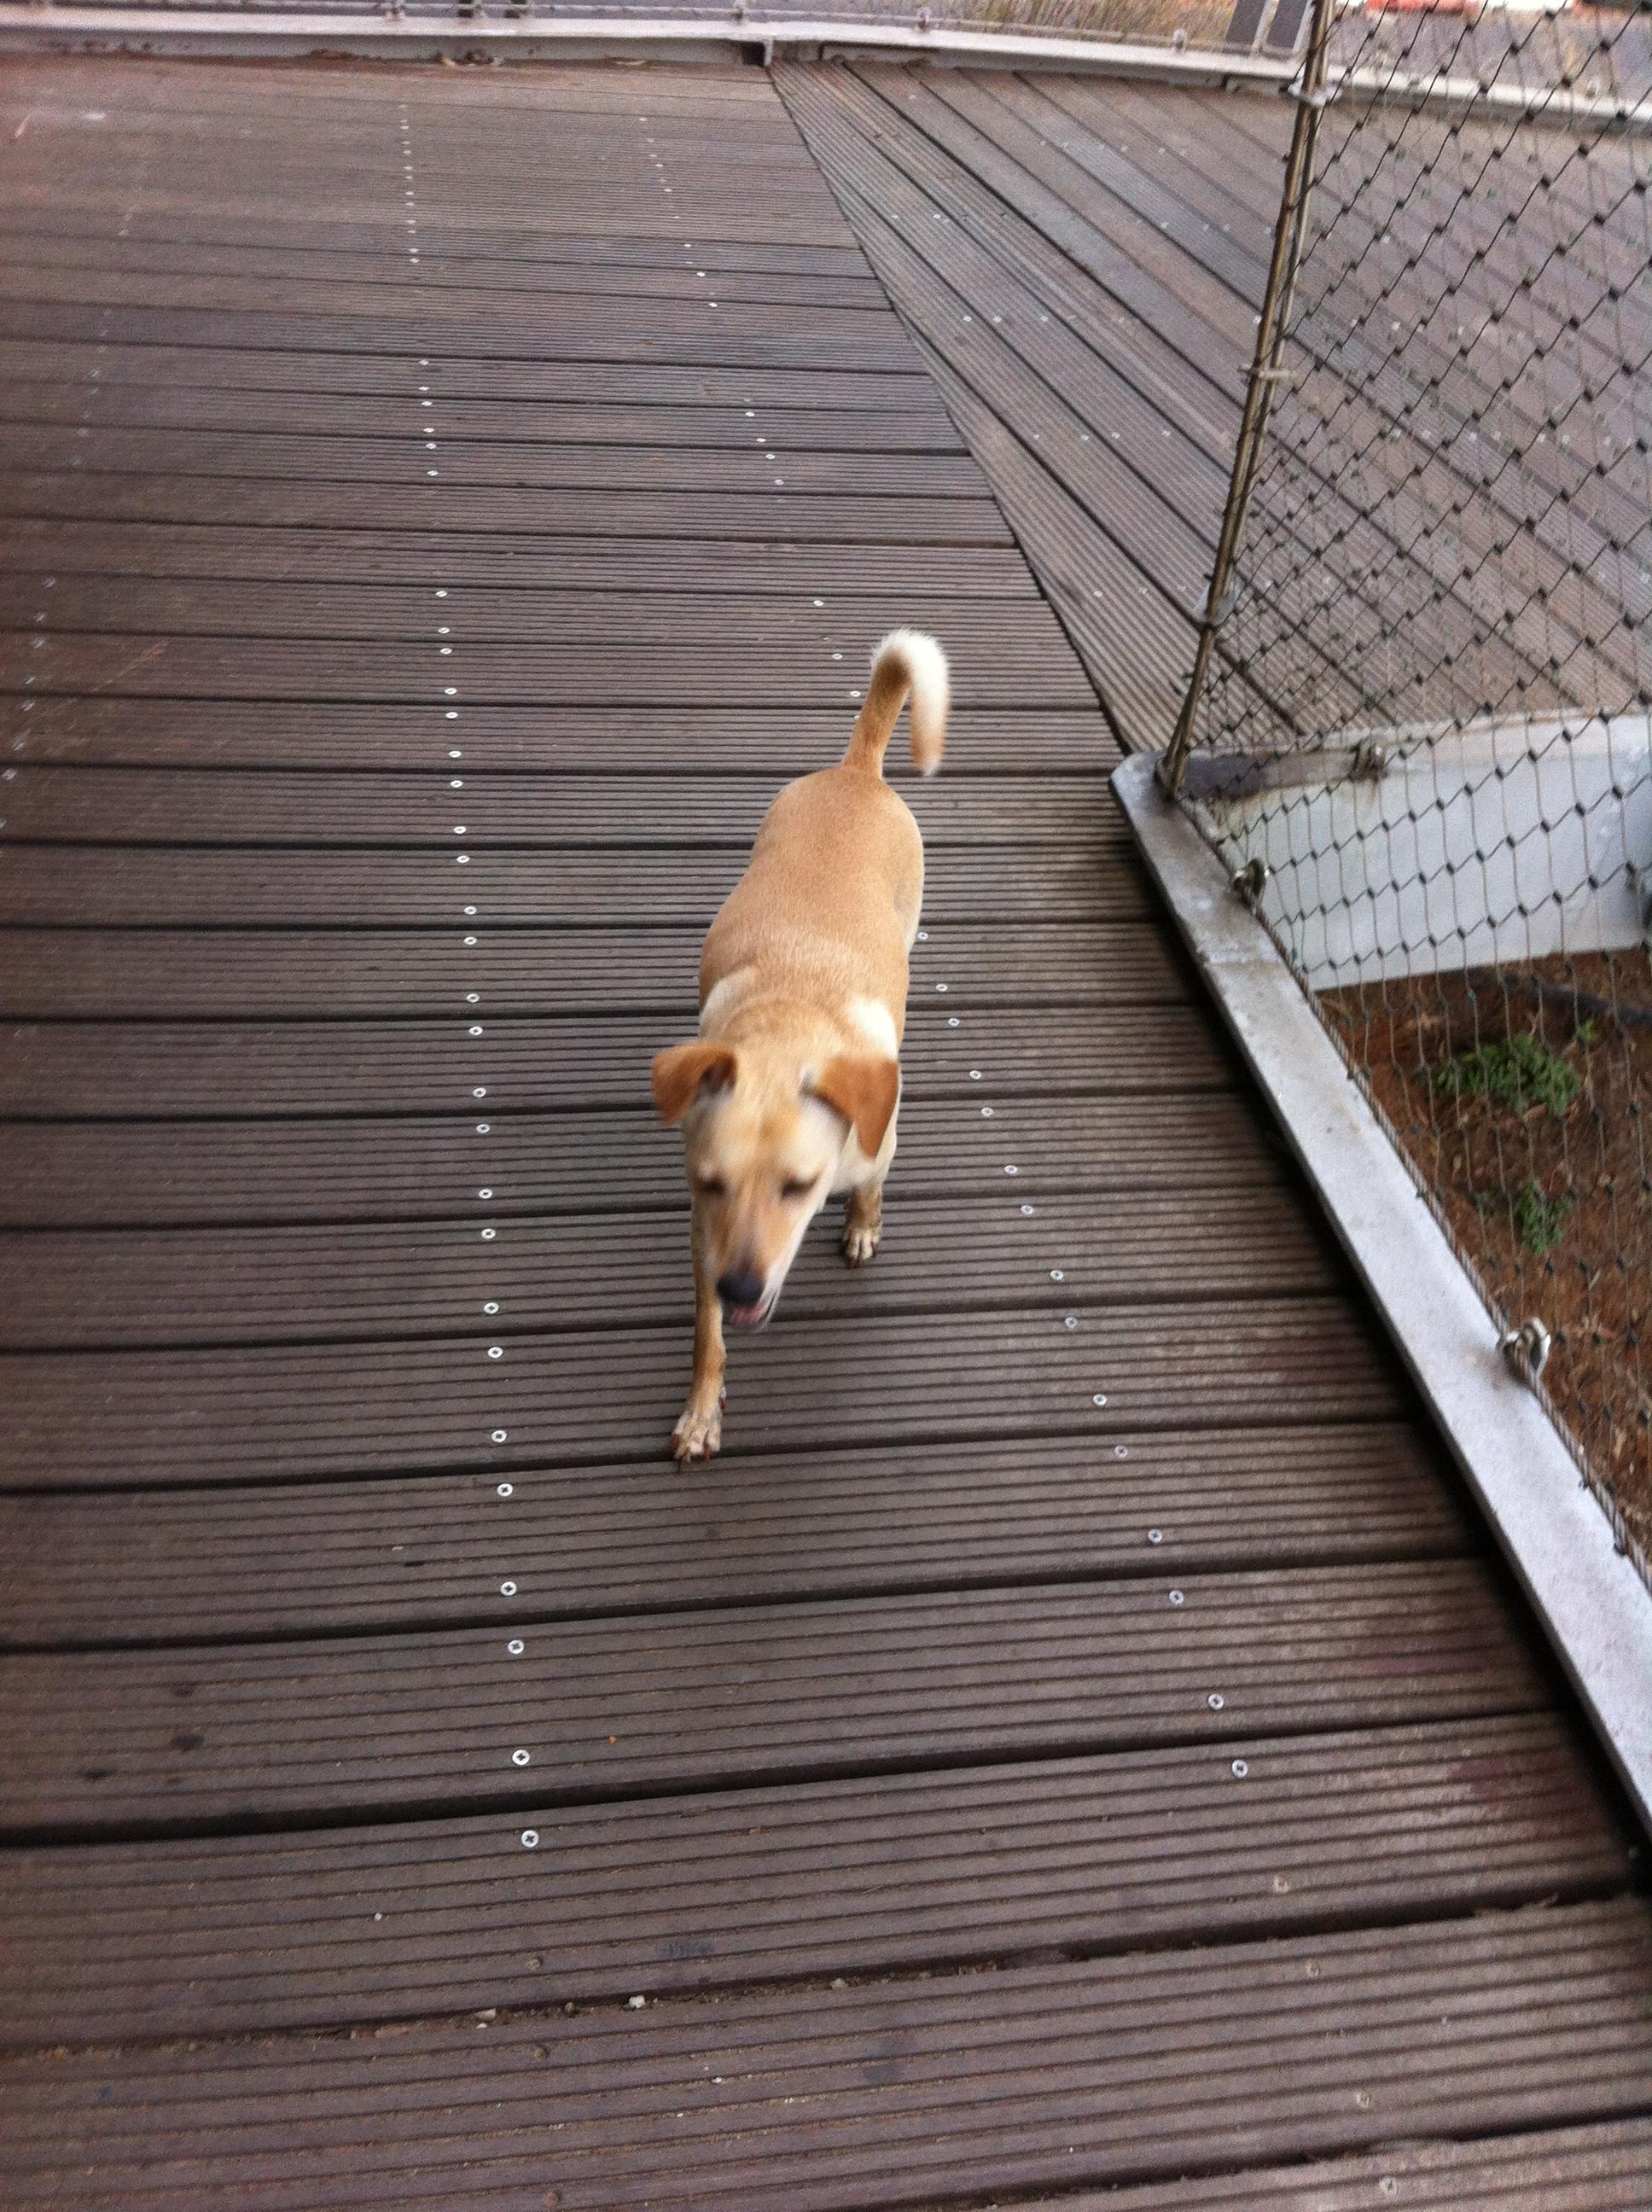 a drooling rabid dog